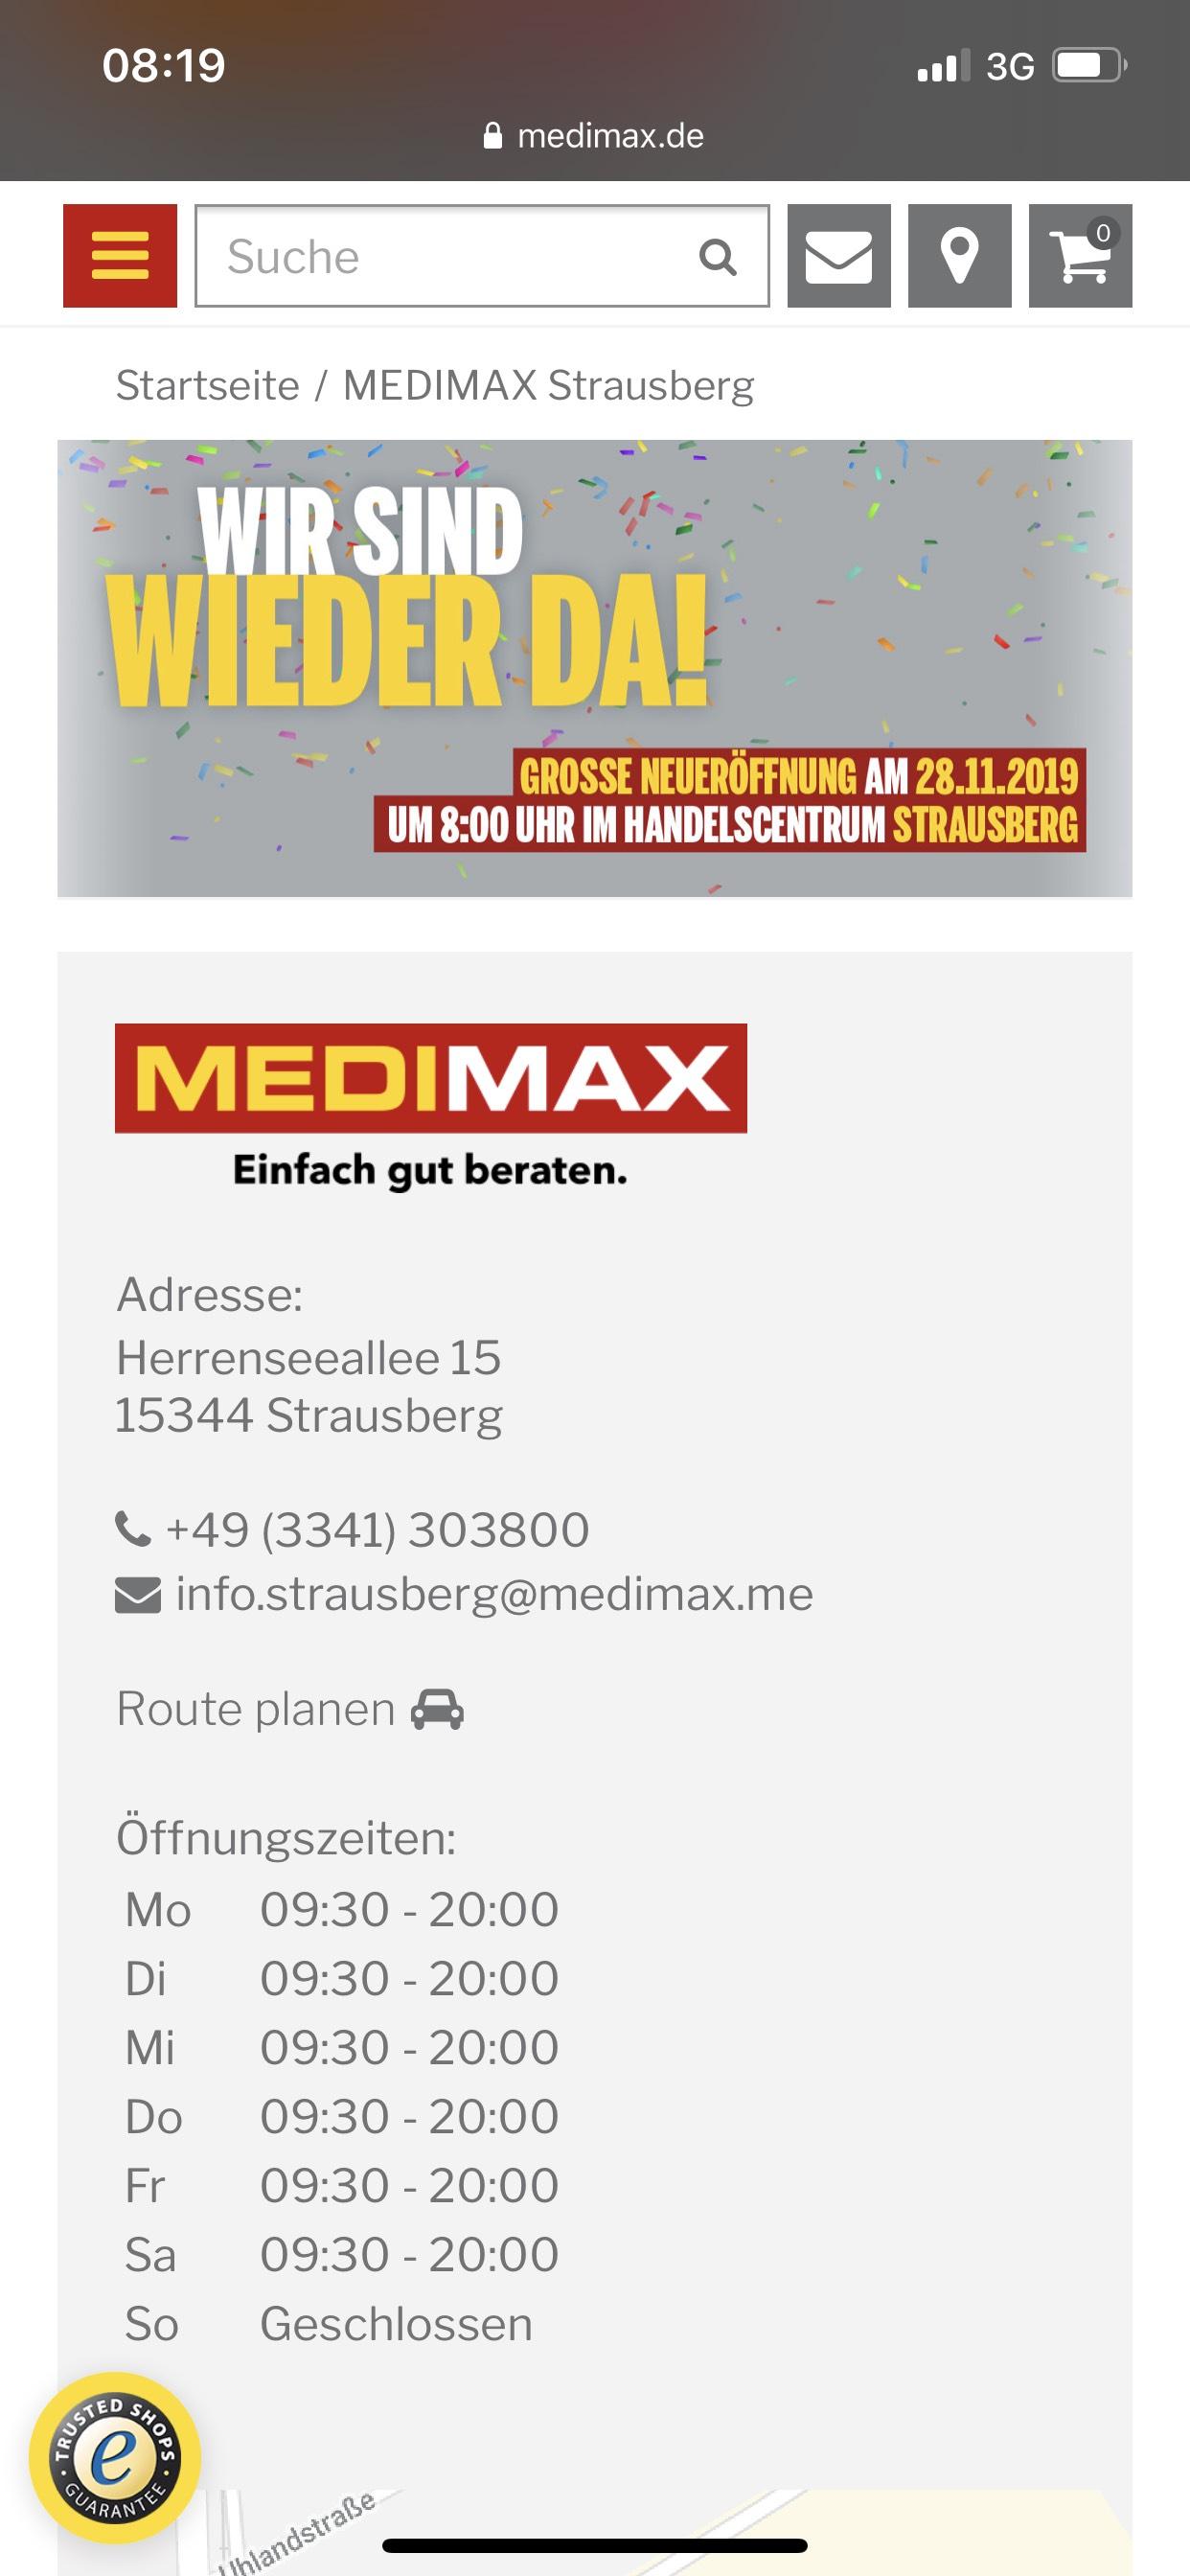 24068974-JEmXa.jpg